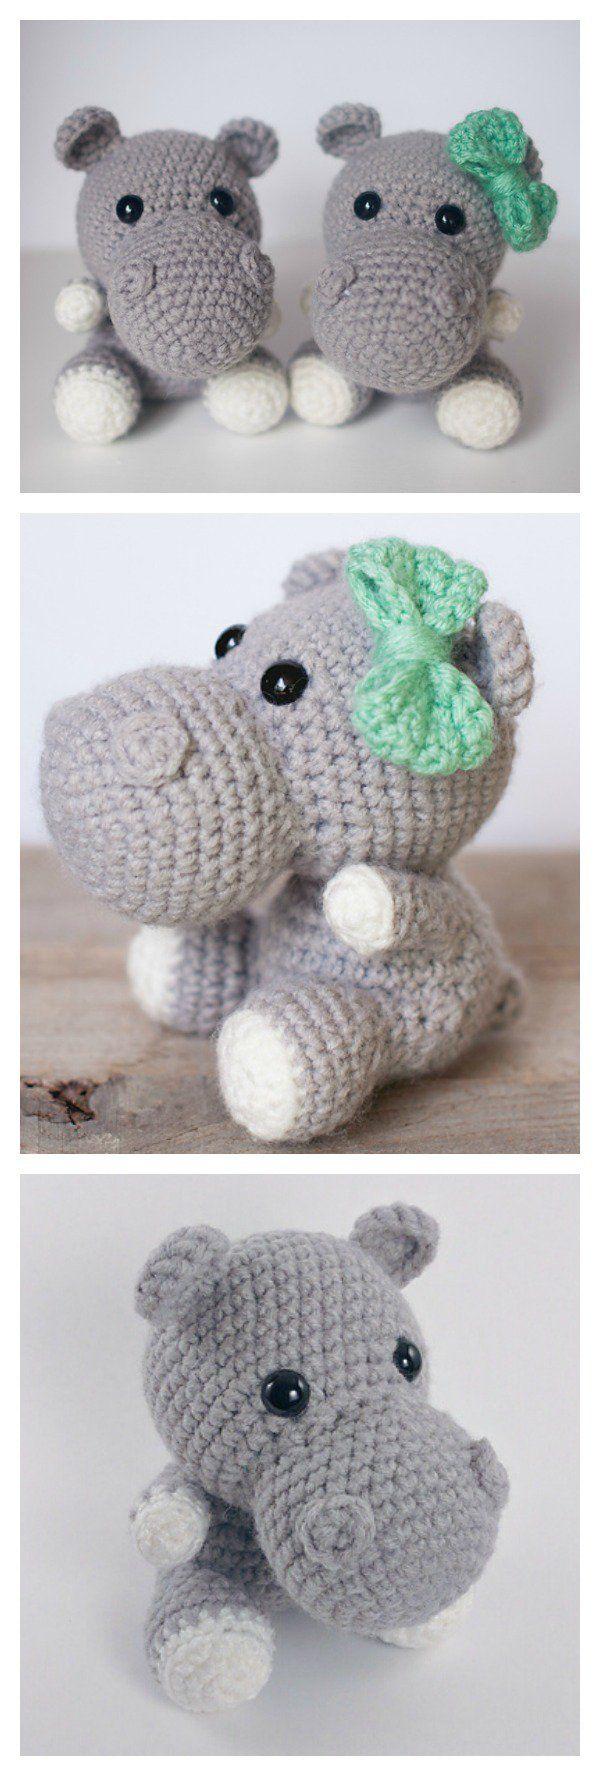 Cute Hippo Amigurumi Crochet Patterns | Ganchillo, Patrones y Animales